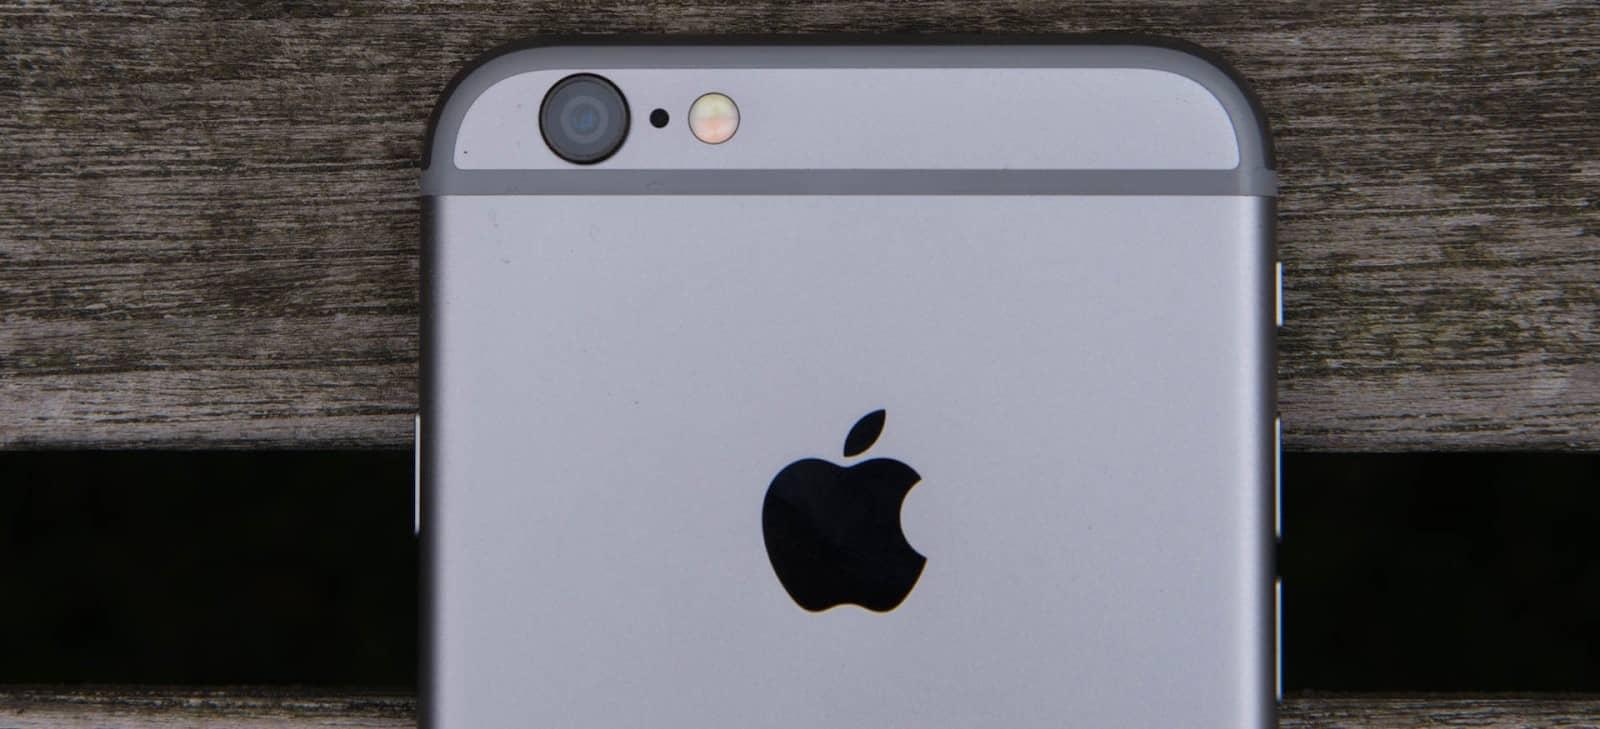 đánh giá về điện thoại iphone 6 chuẩn nhất